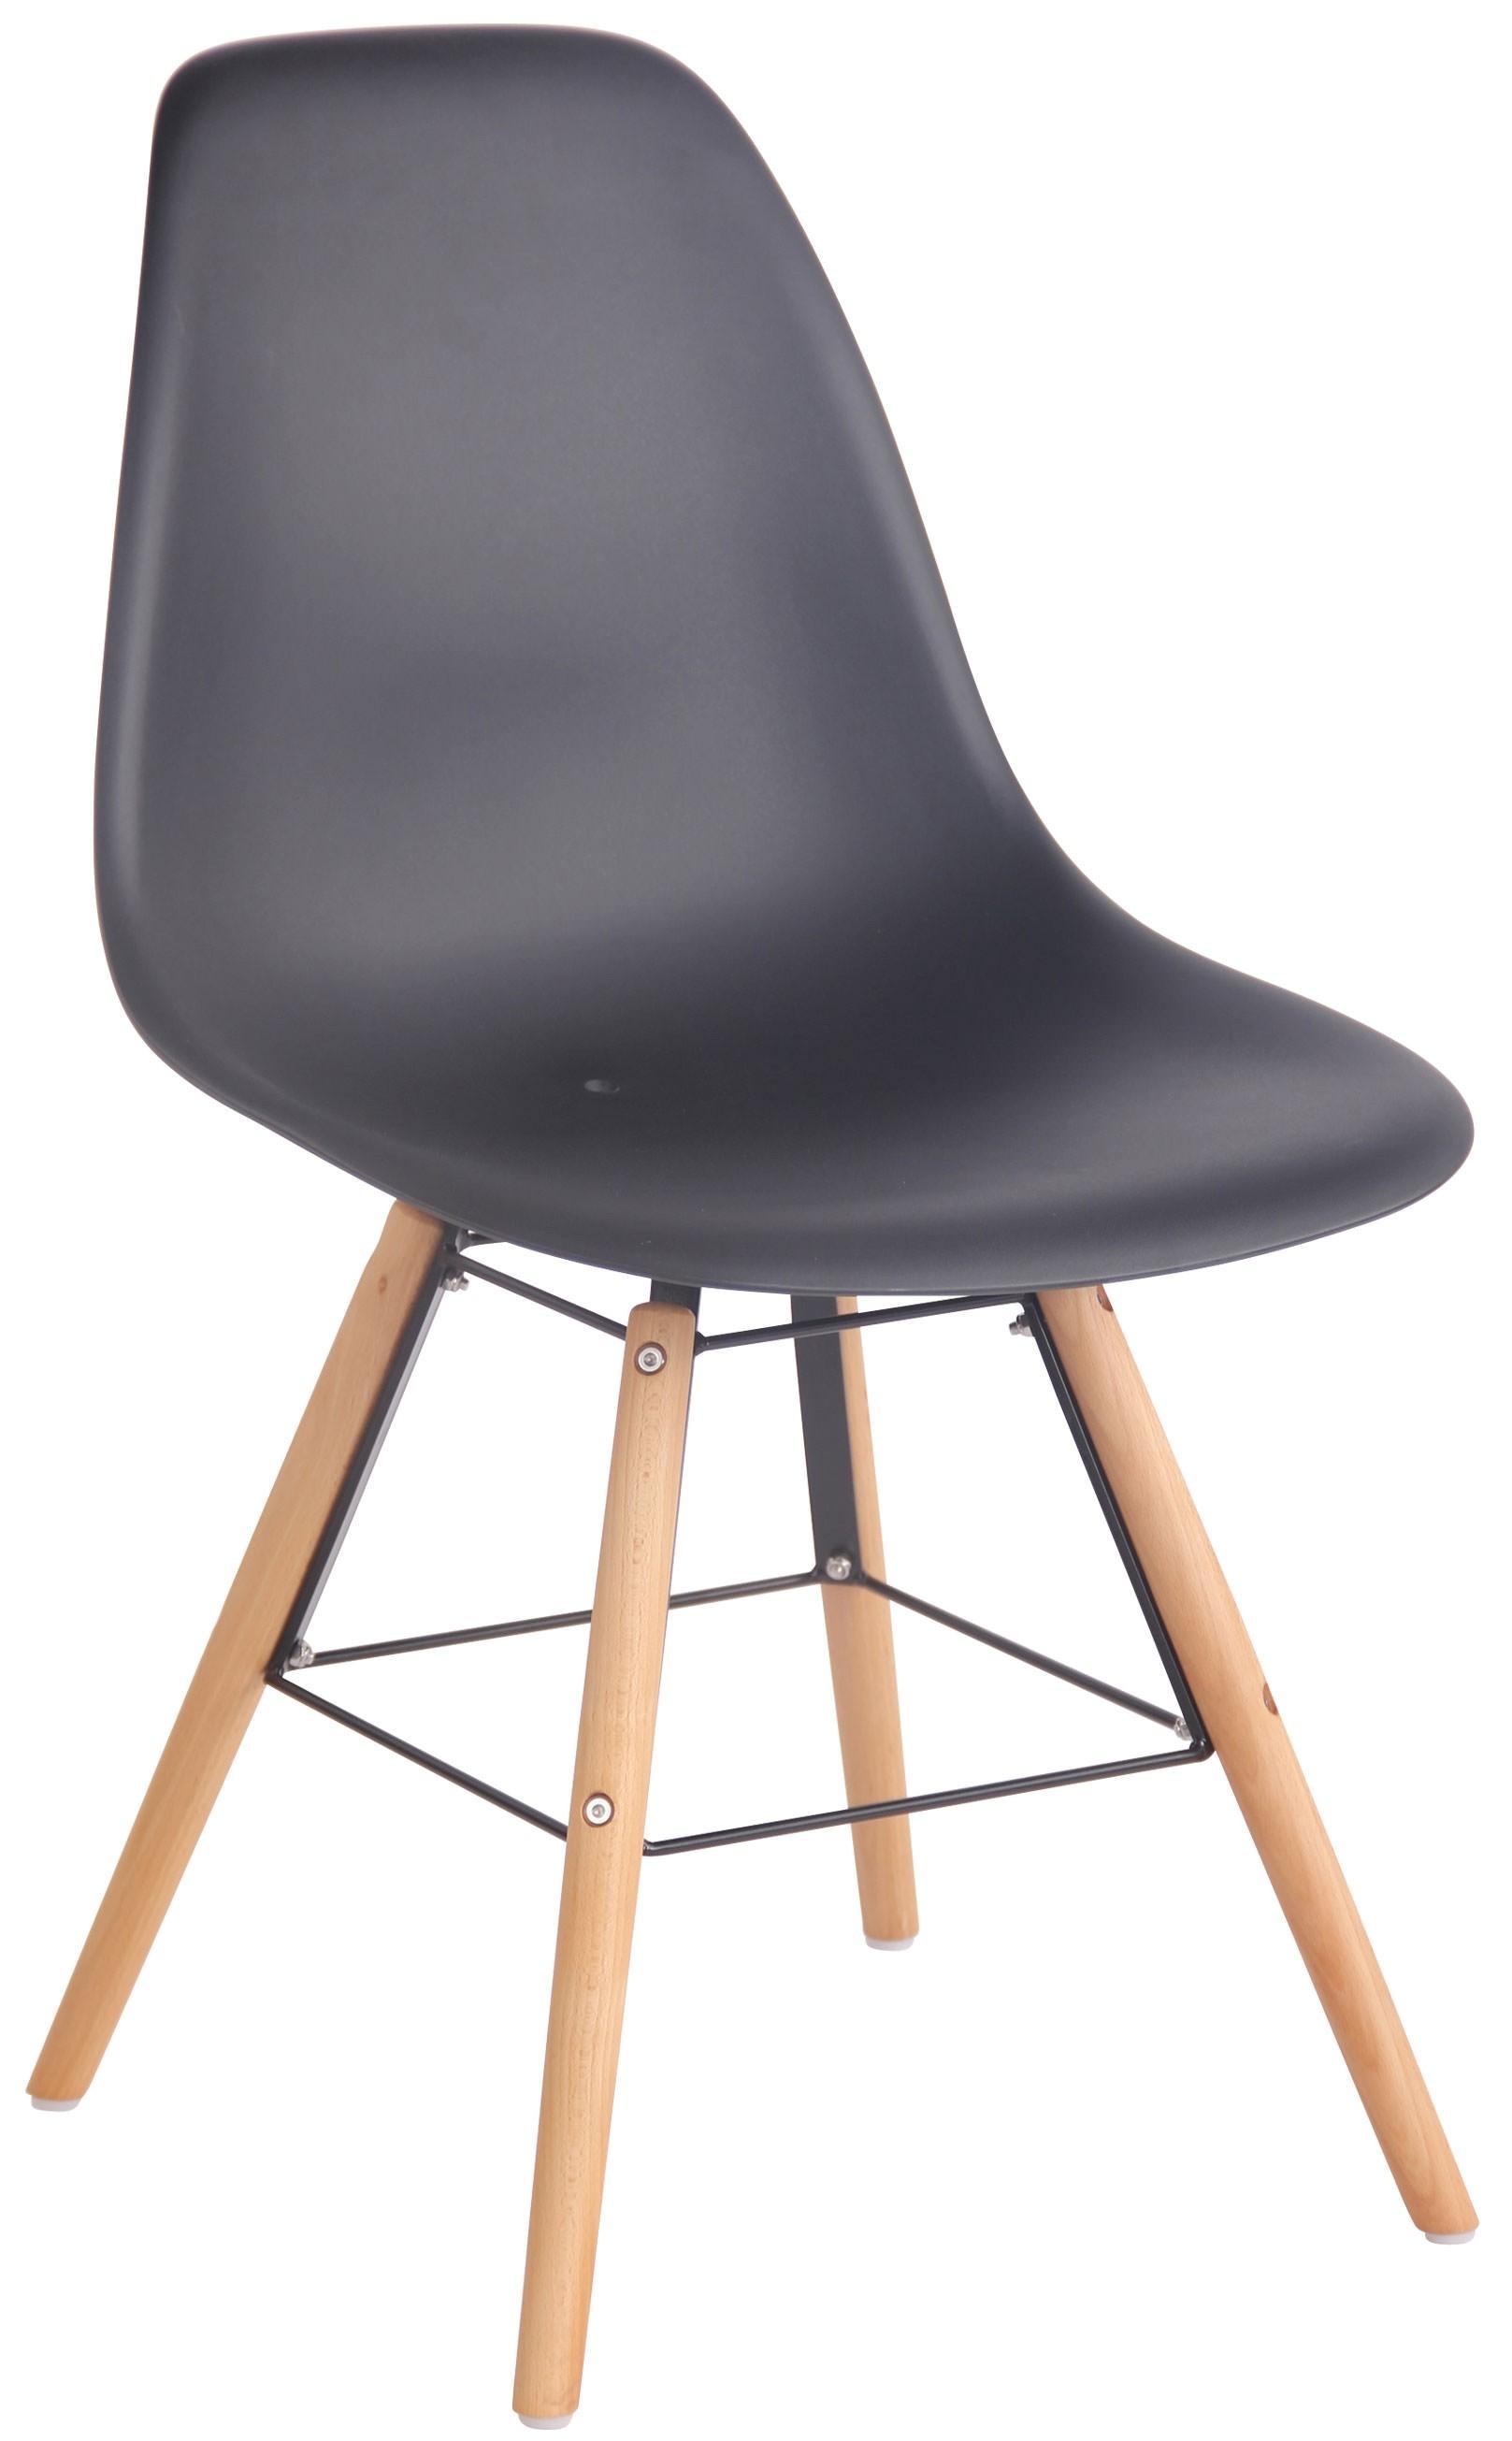 Chaise de Jardin Tippo Pour l'intérieur et l'extérieur